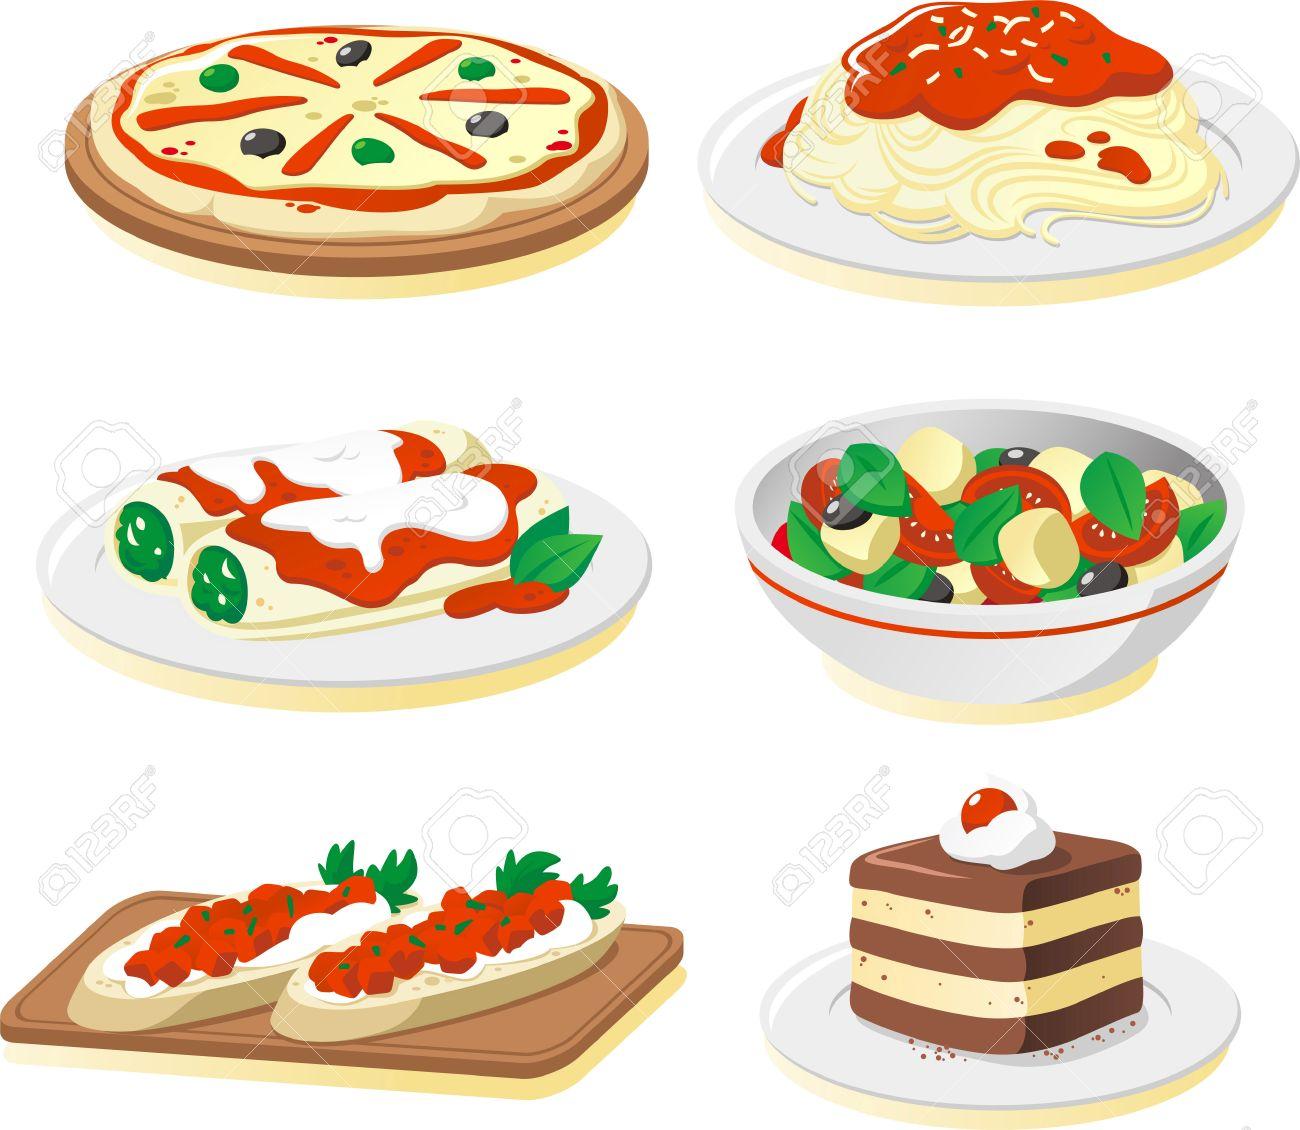 イタリア料理の料理漫画イラスト セットのイラスト素材ベクタ Image